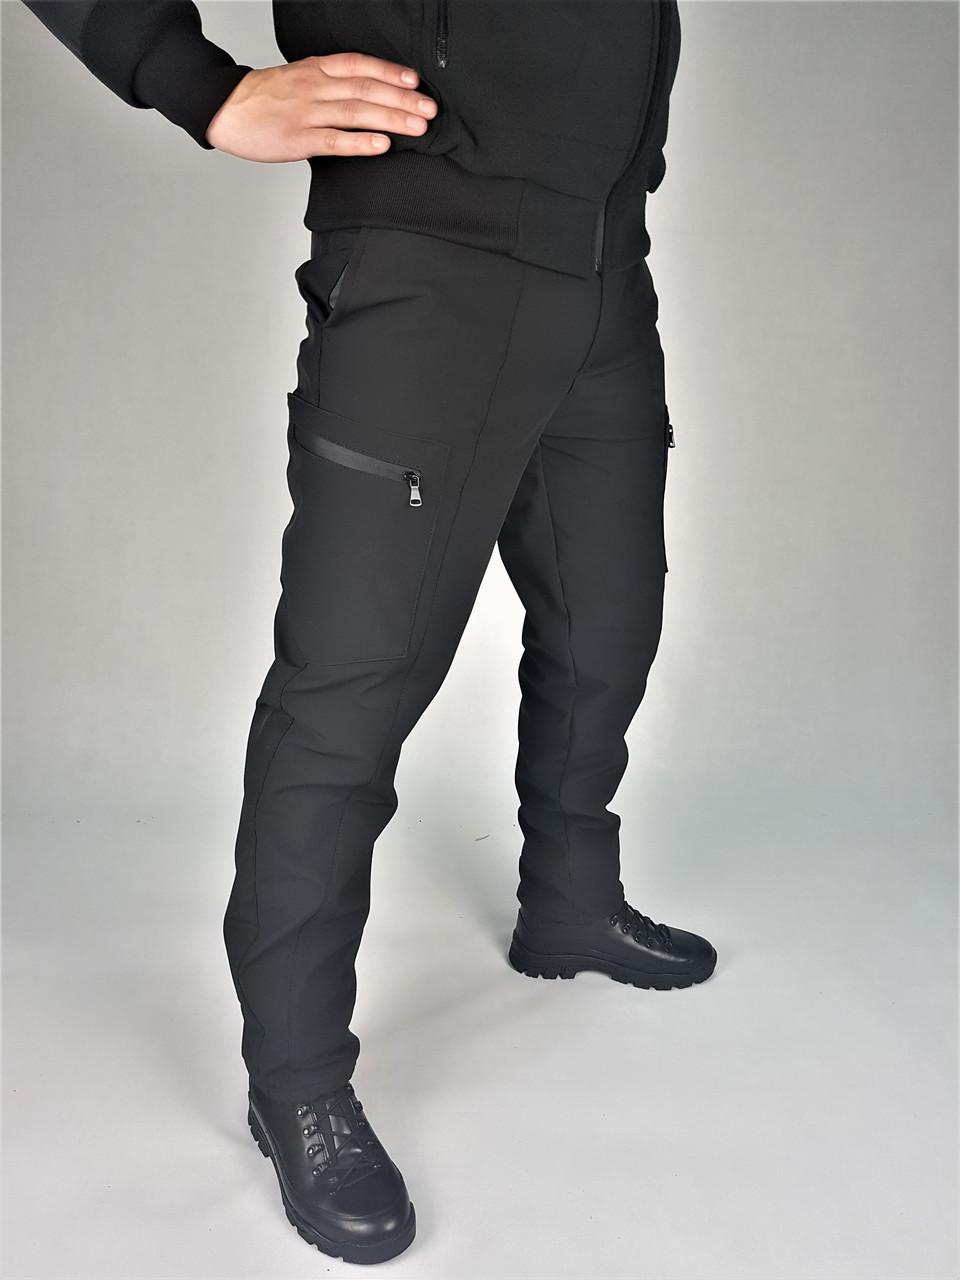 Брюки Софтшелл зимние для полиции черные